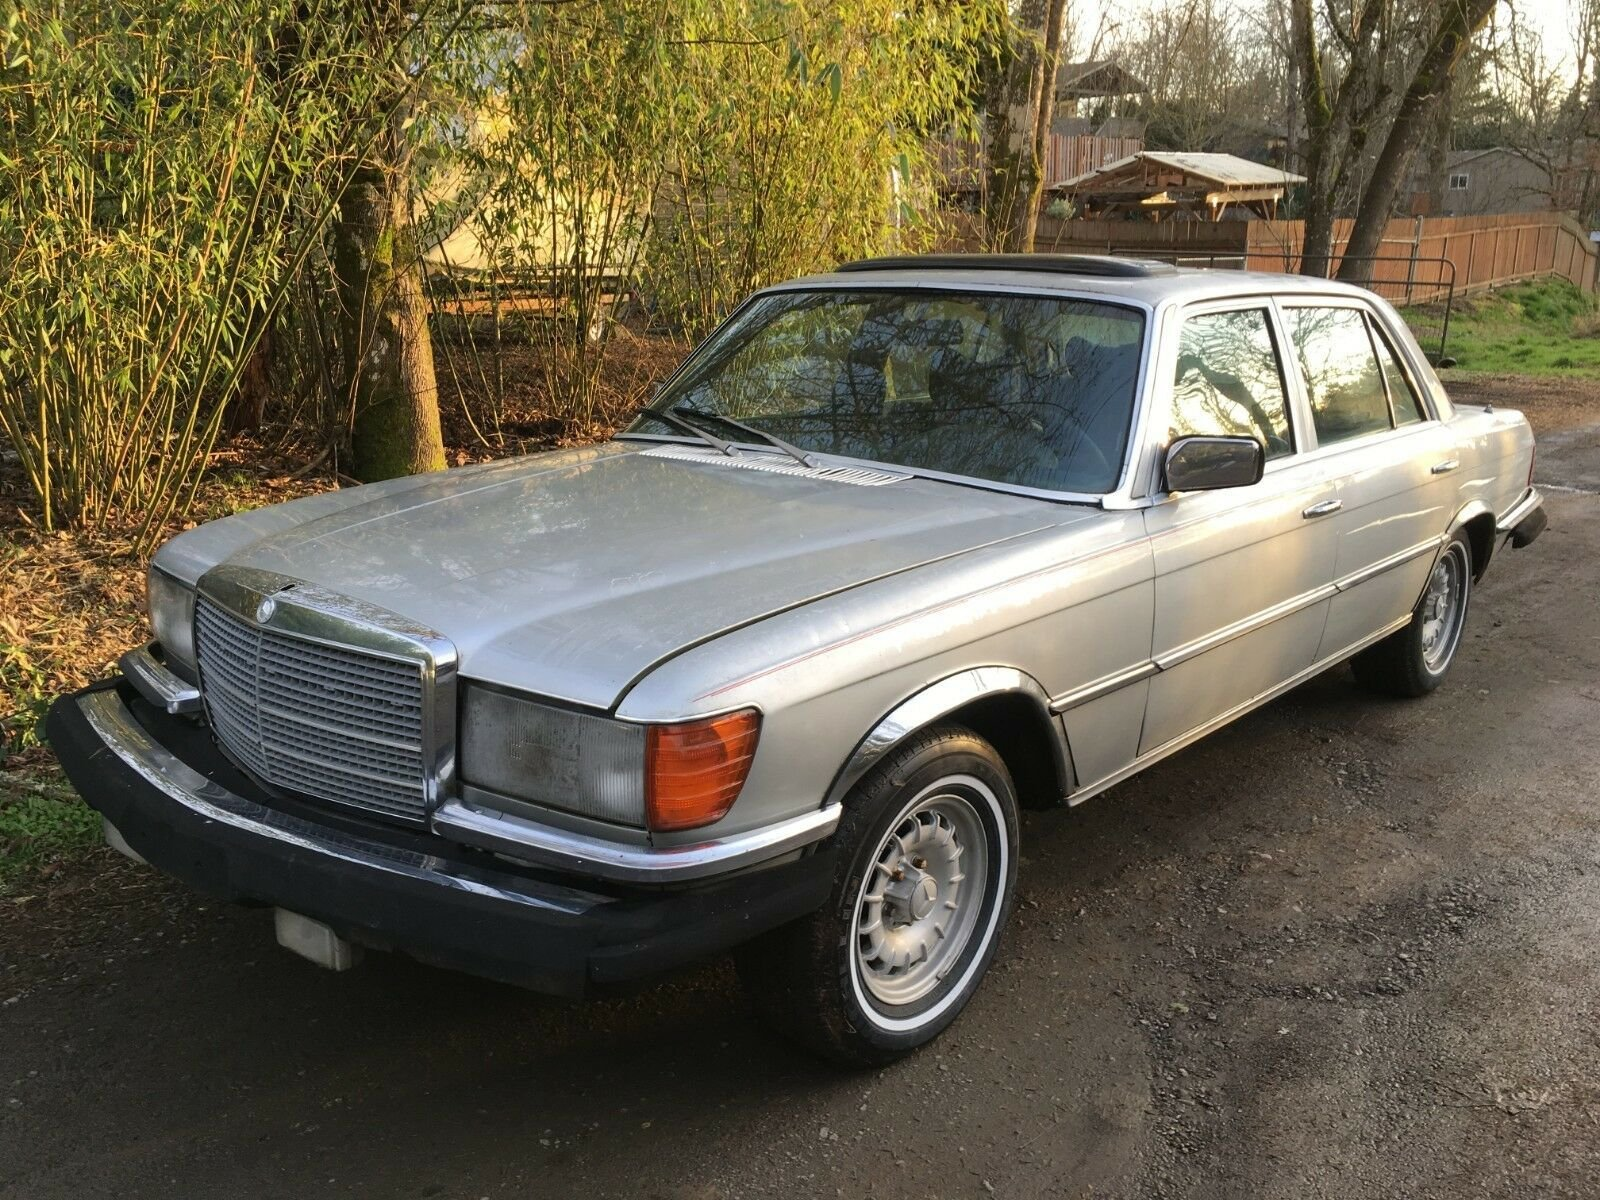 1977 Mercedes-Benz 450 SEL